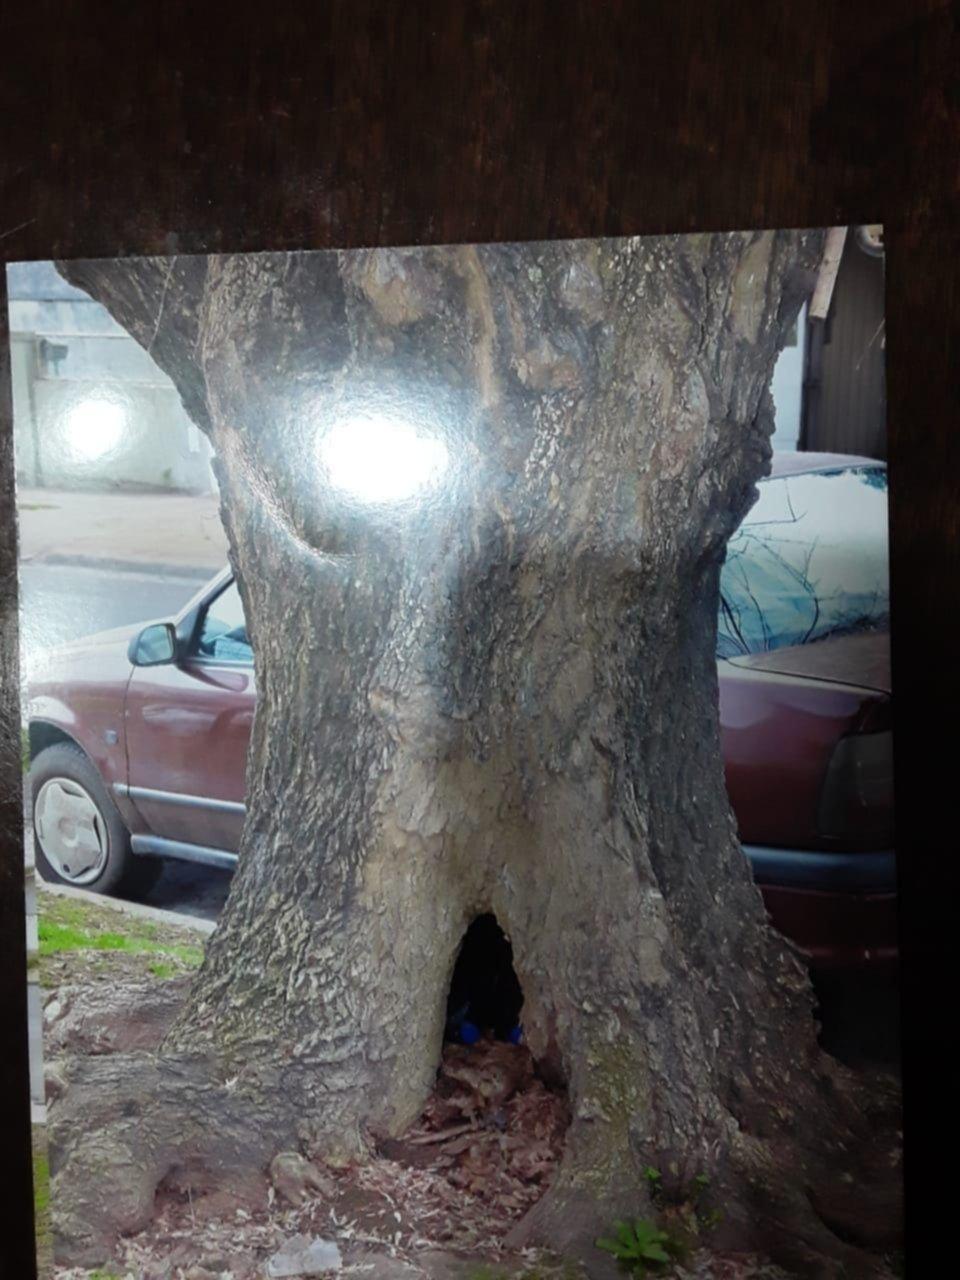 Piden con urgencia por la extracción de un árbol en mal estado en 24 entre 56 y 57